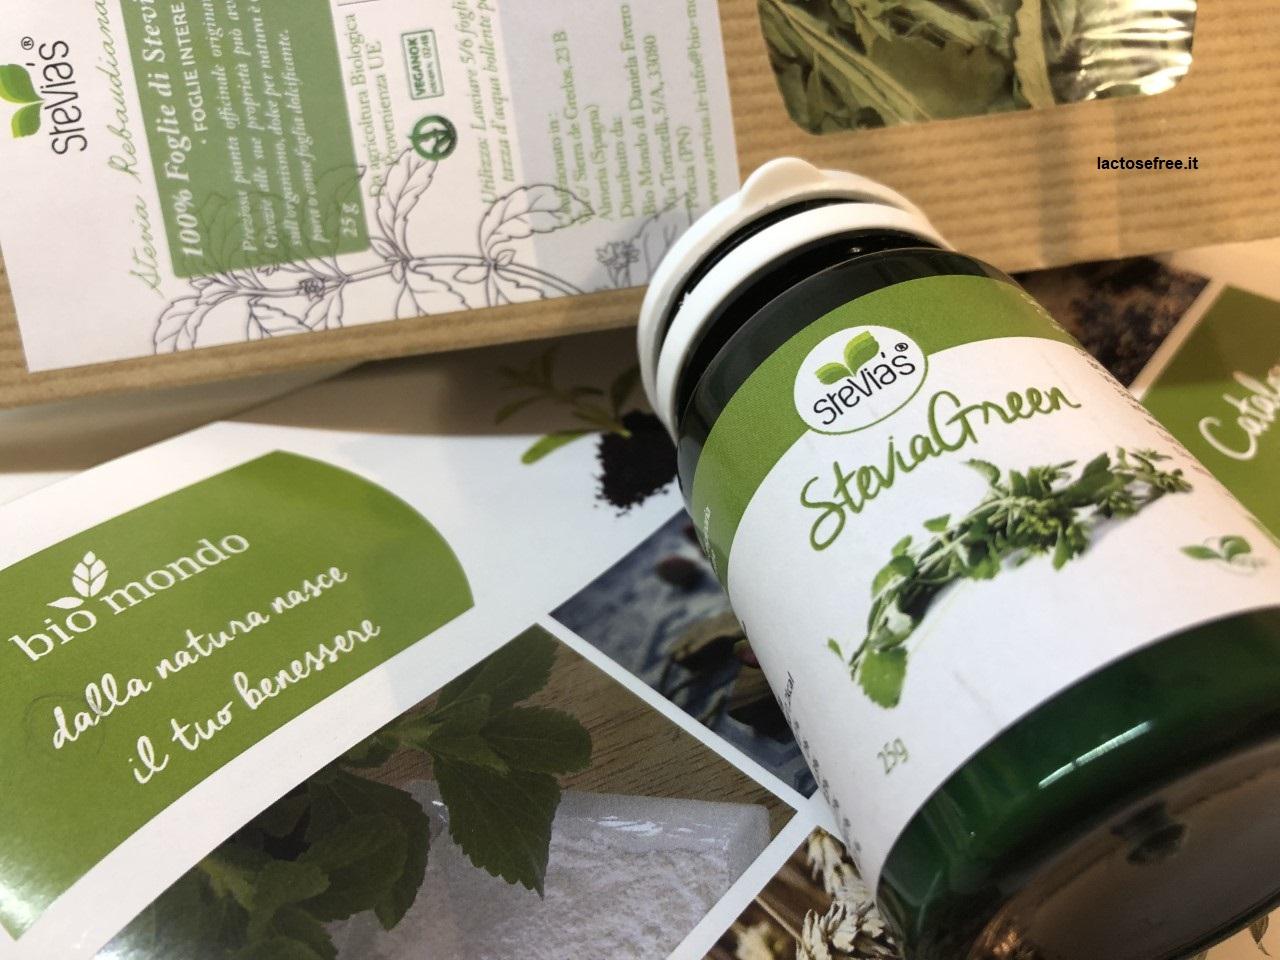 Risotto al cavolo nero stevia e limone_stevia green